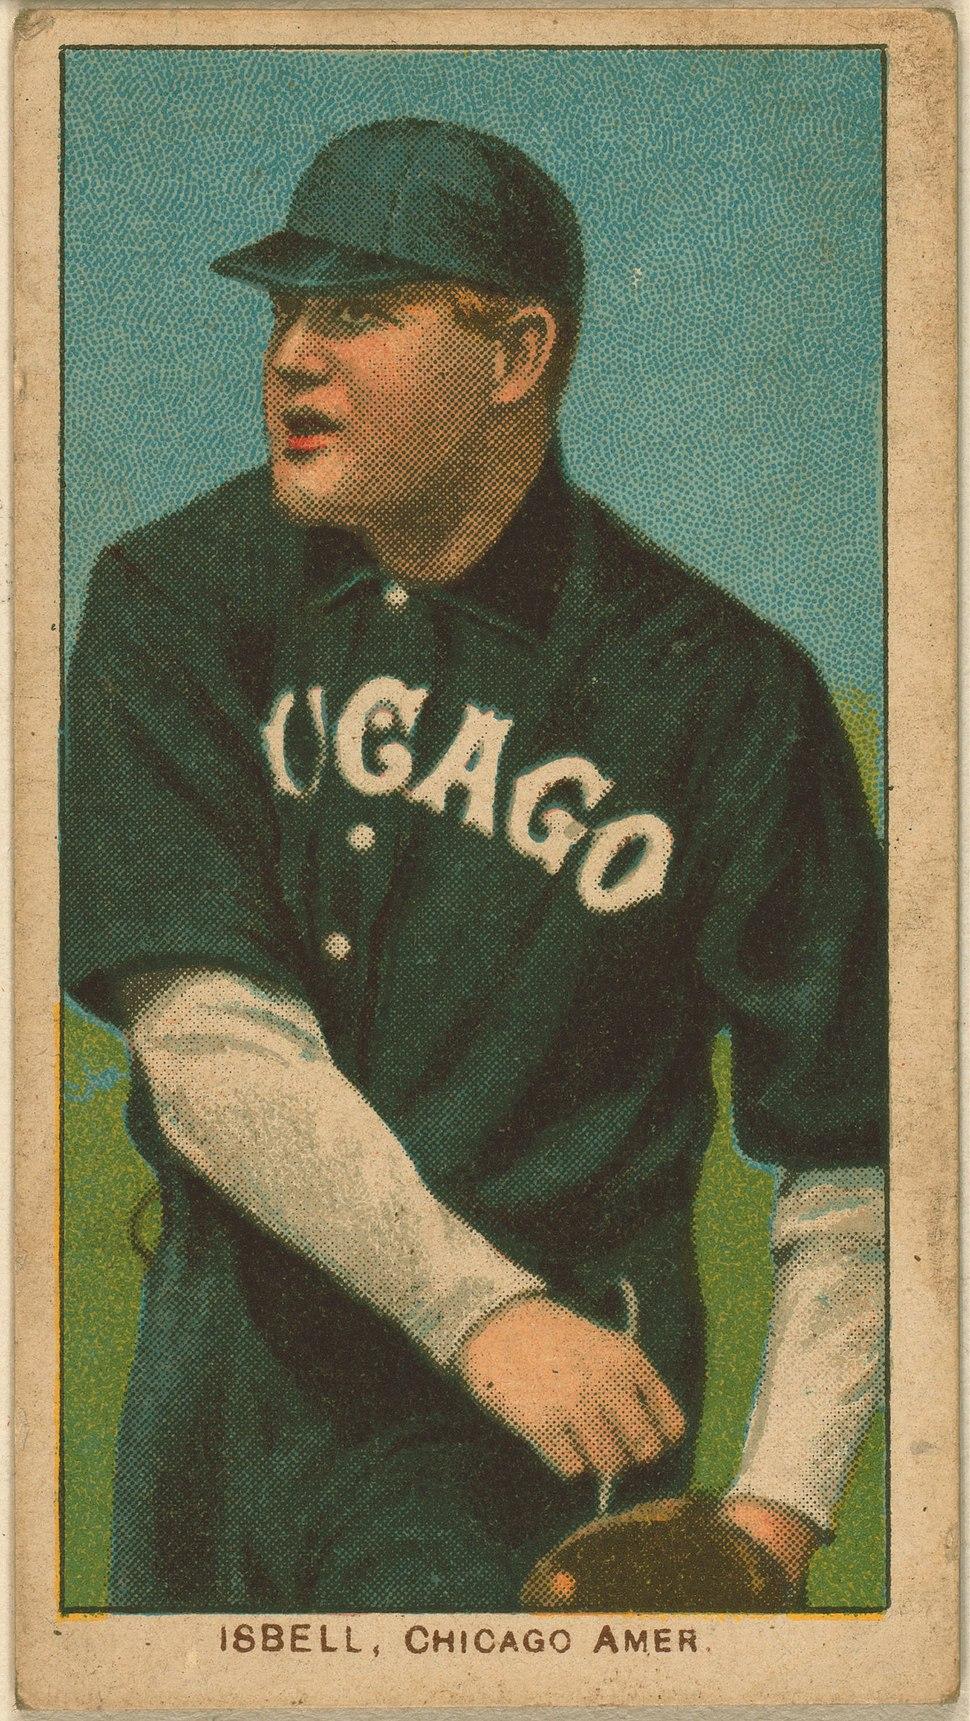 Frank Isbell baseball card